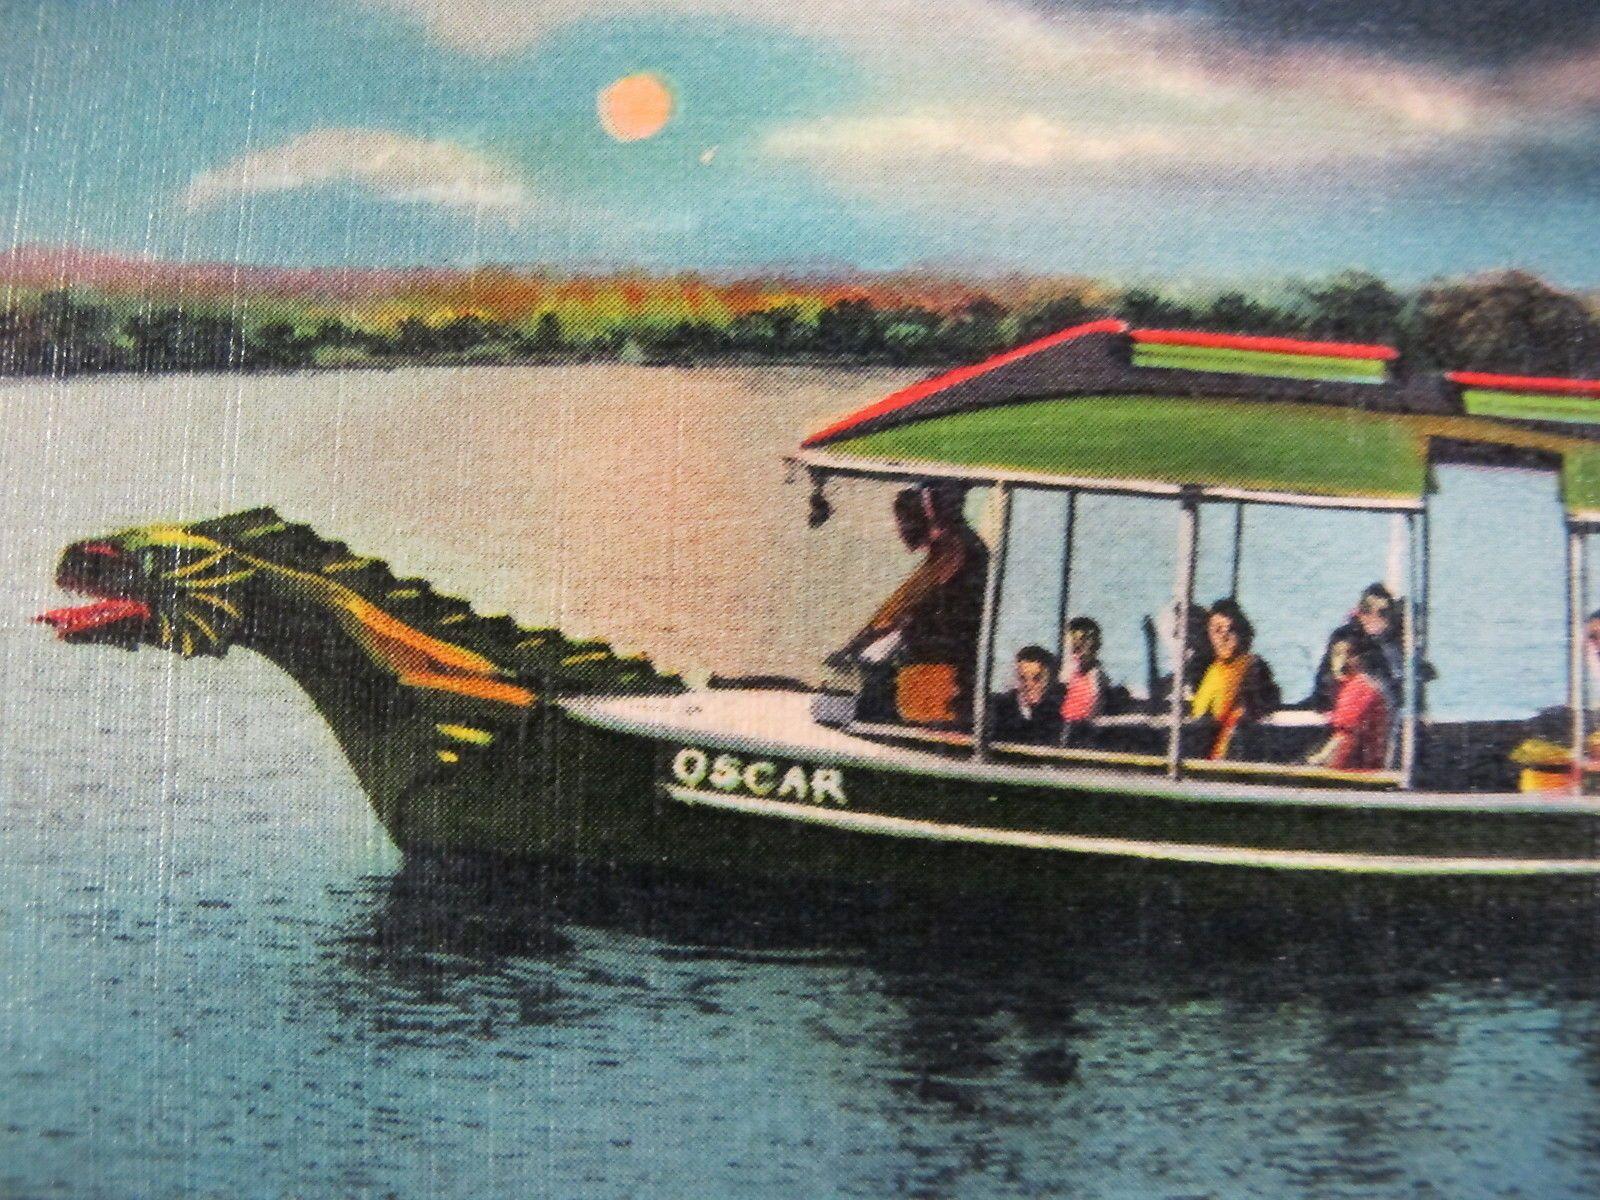 S Canandaigua Lake Roseland Park Postcard Oscar The